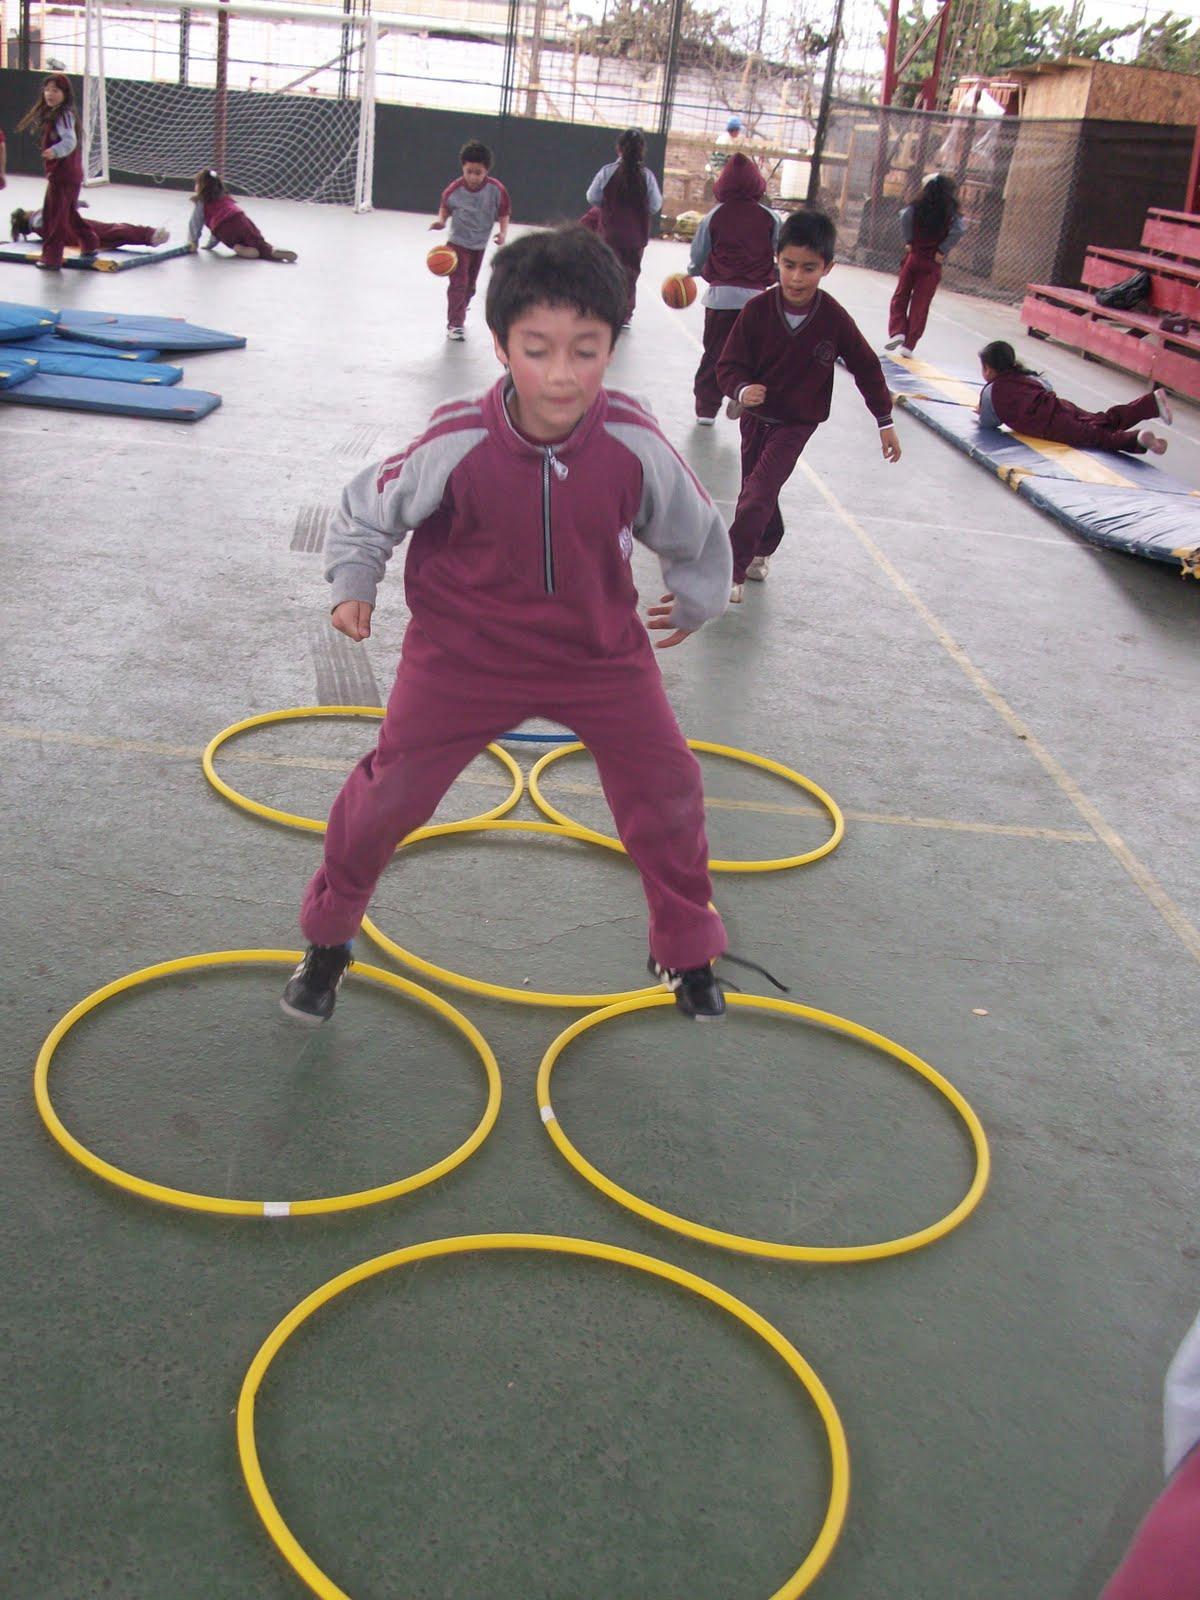 Circuito Motriz : EducacÍon fisica albert einstein educaciÓn fÍsica